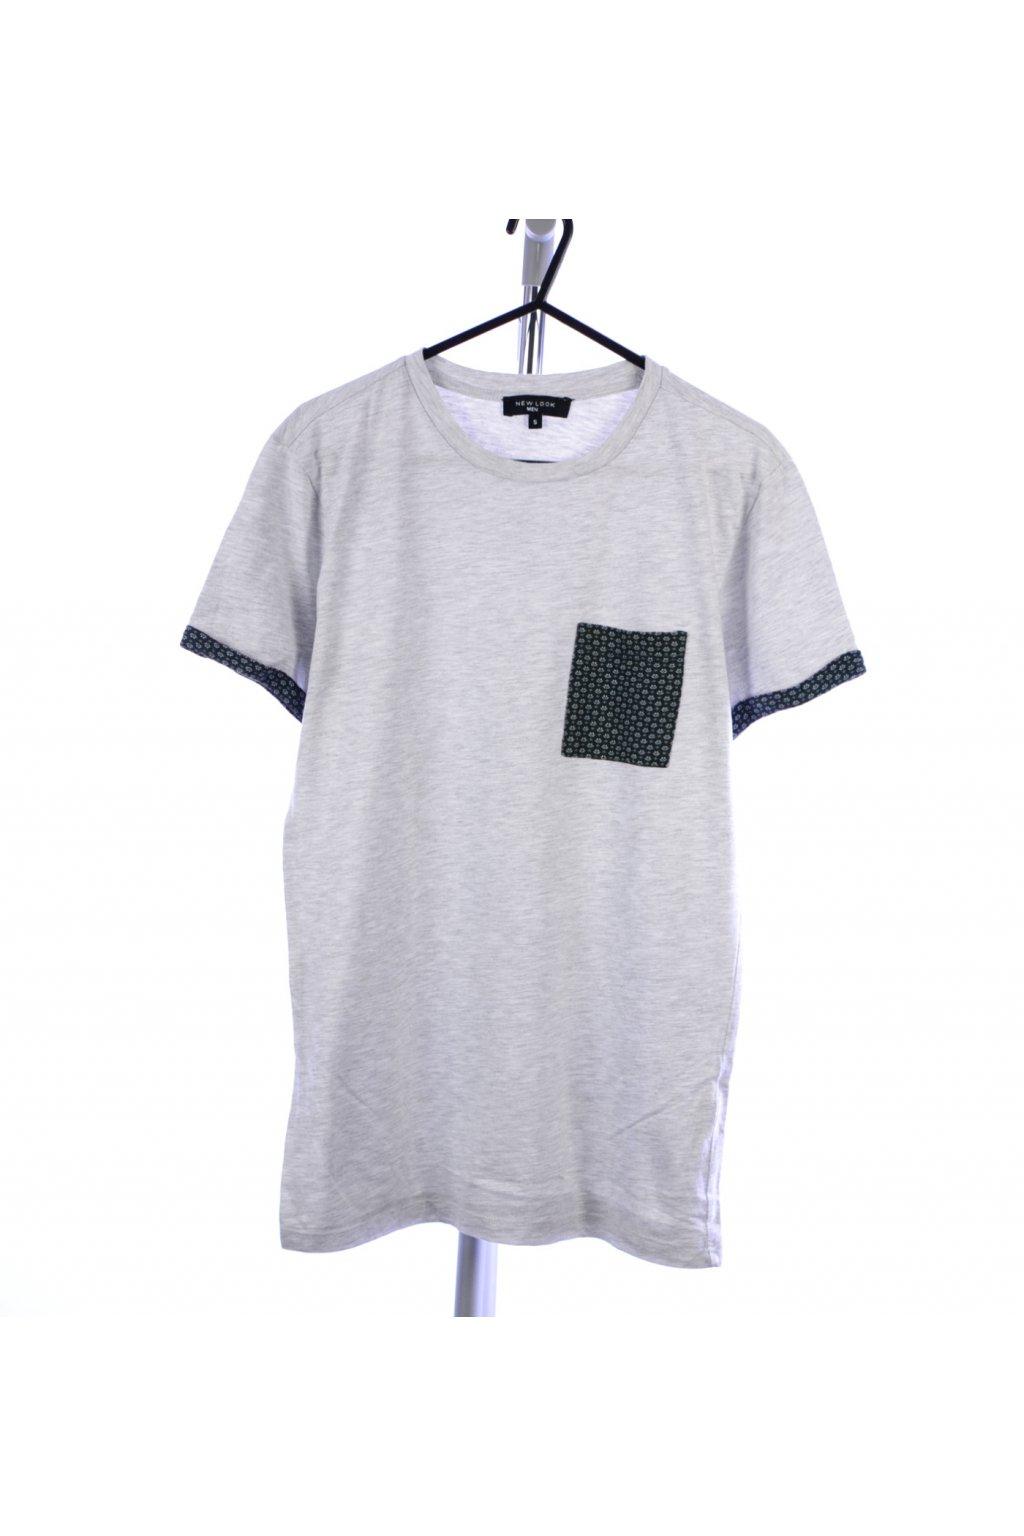 Tričko New look vel. XS - S